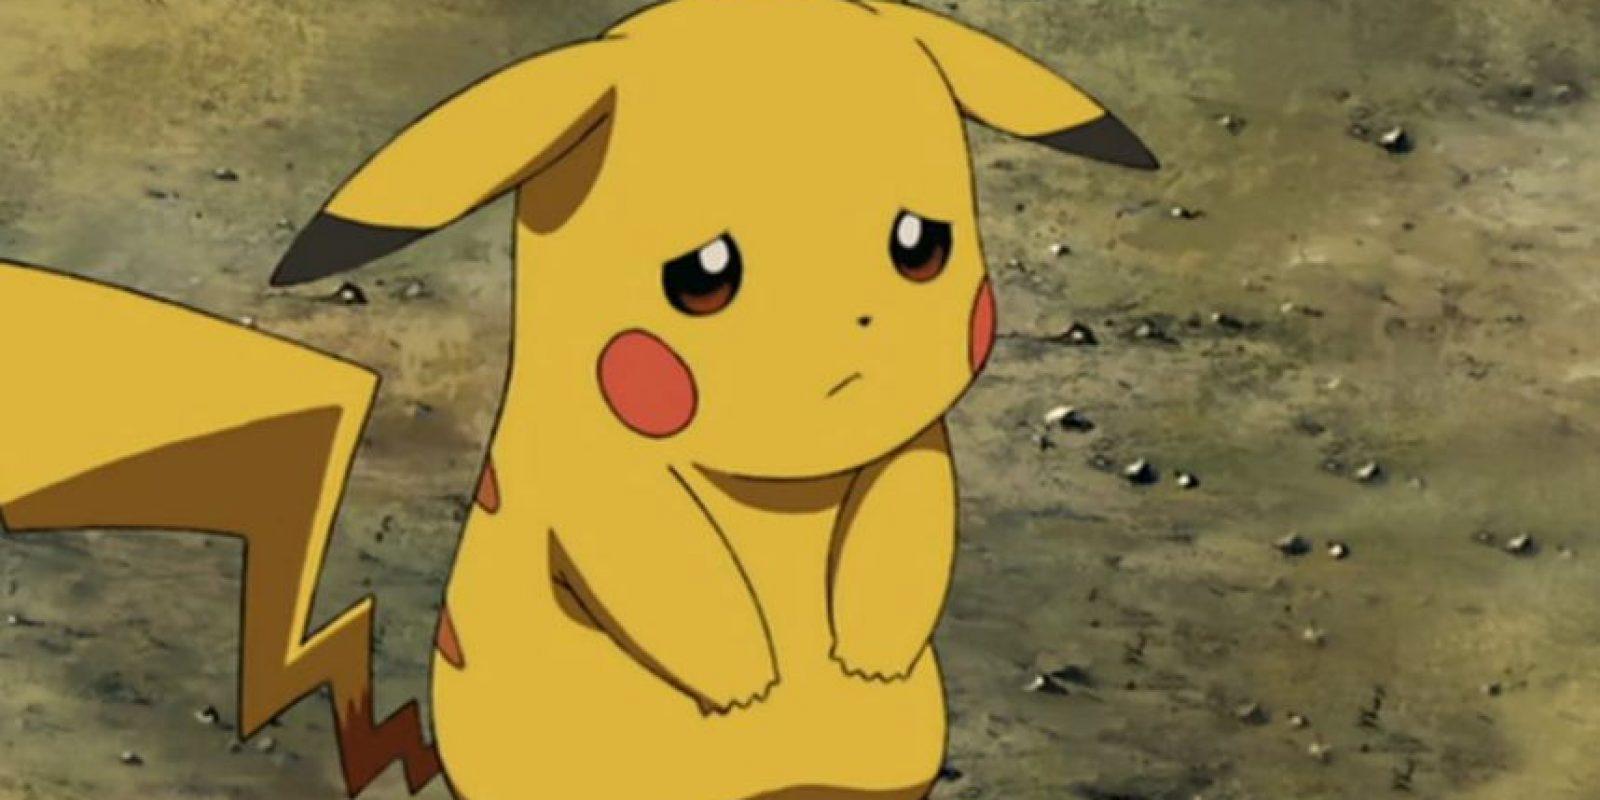 Latinoamérica ya quiere Pokémon Go. Foto:Pokémon